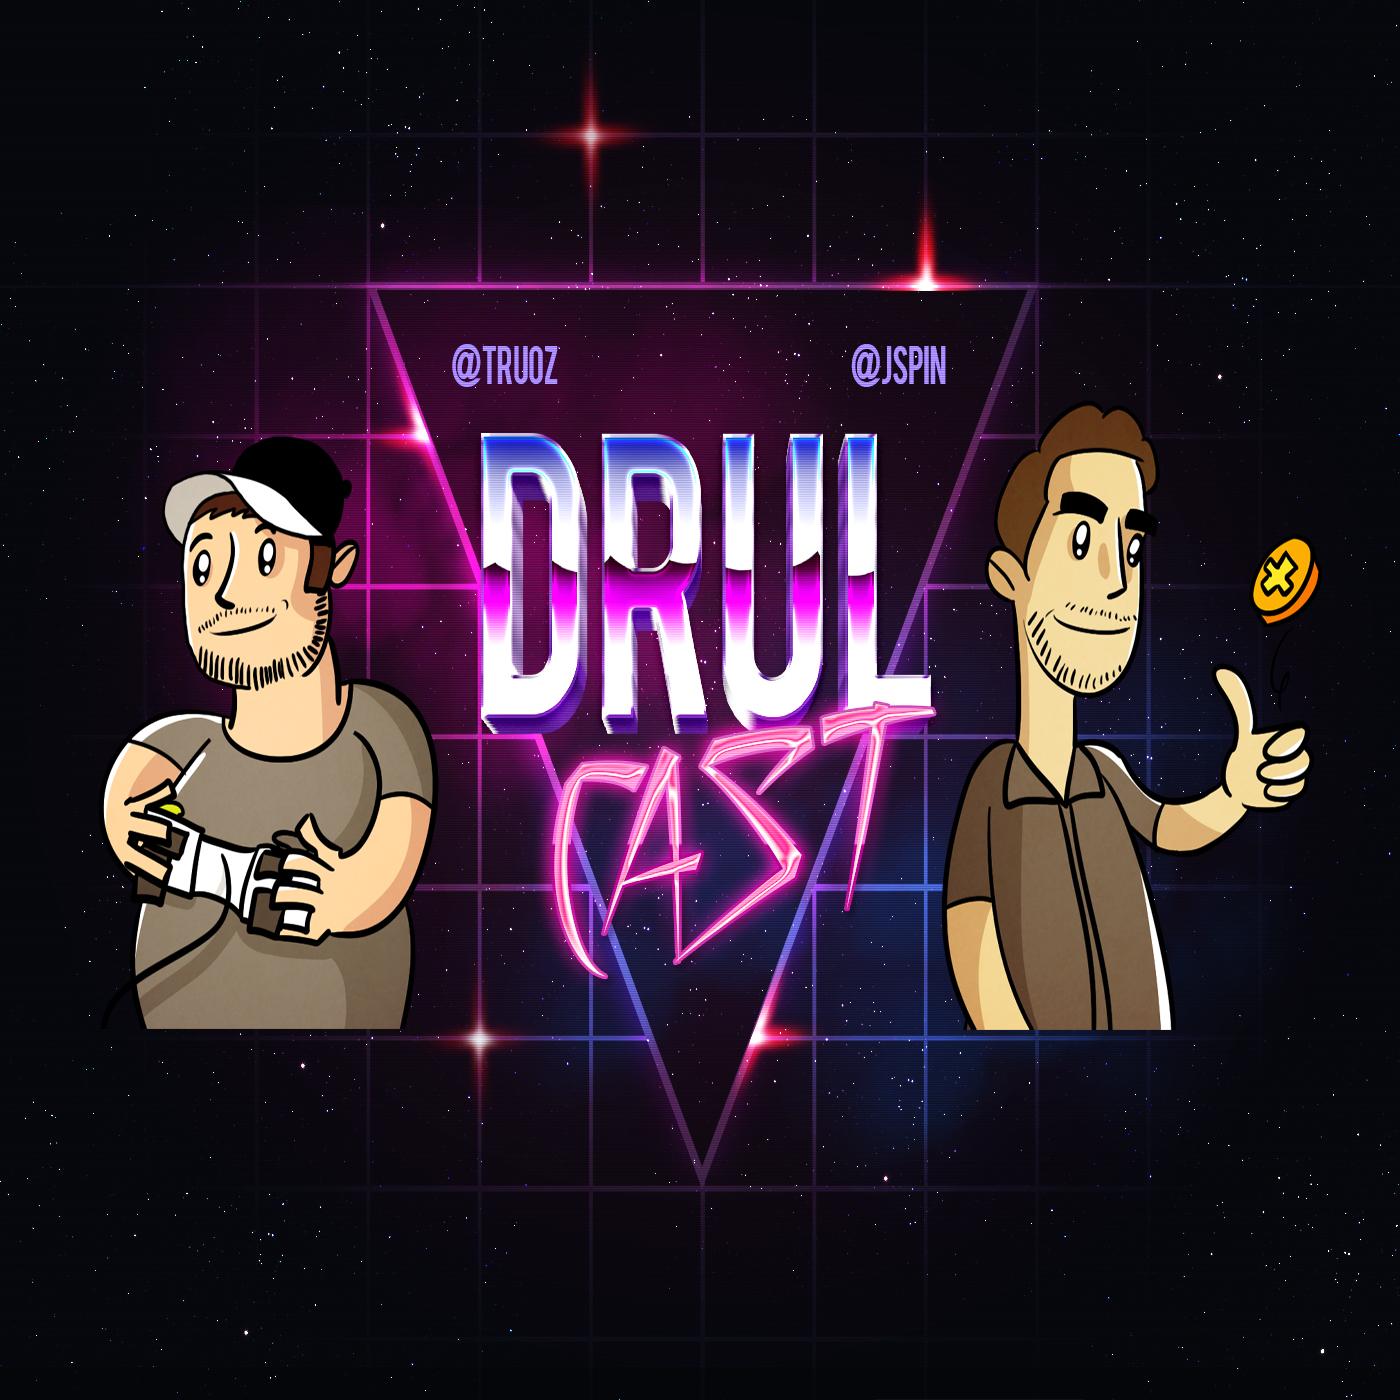 DRULcast